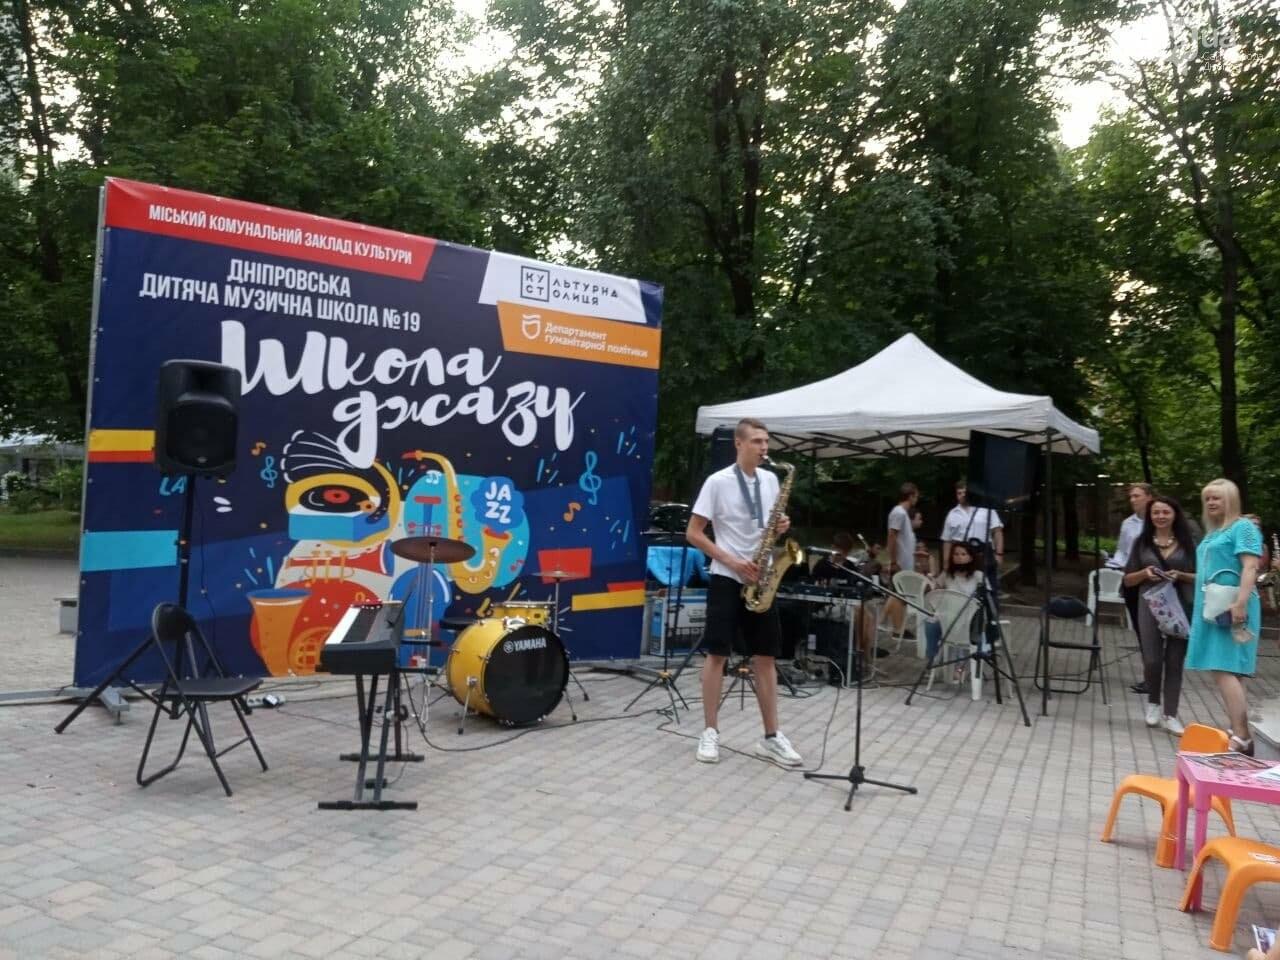 В Днепре по всей территории парка Шевченко звучит музыка нон-стоп, - ФОТО, ВИДЕО, фото-7